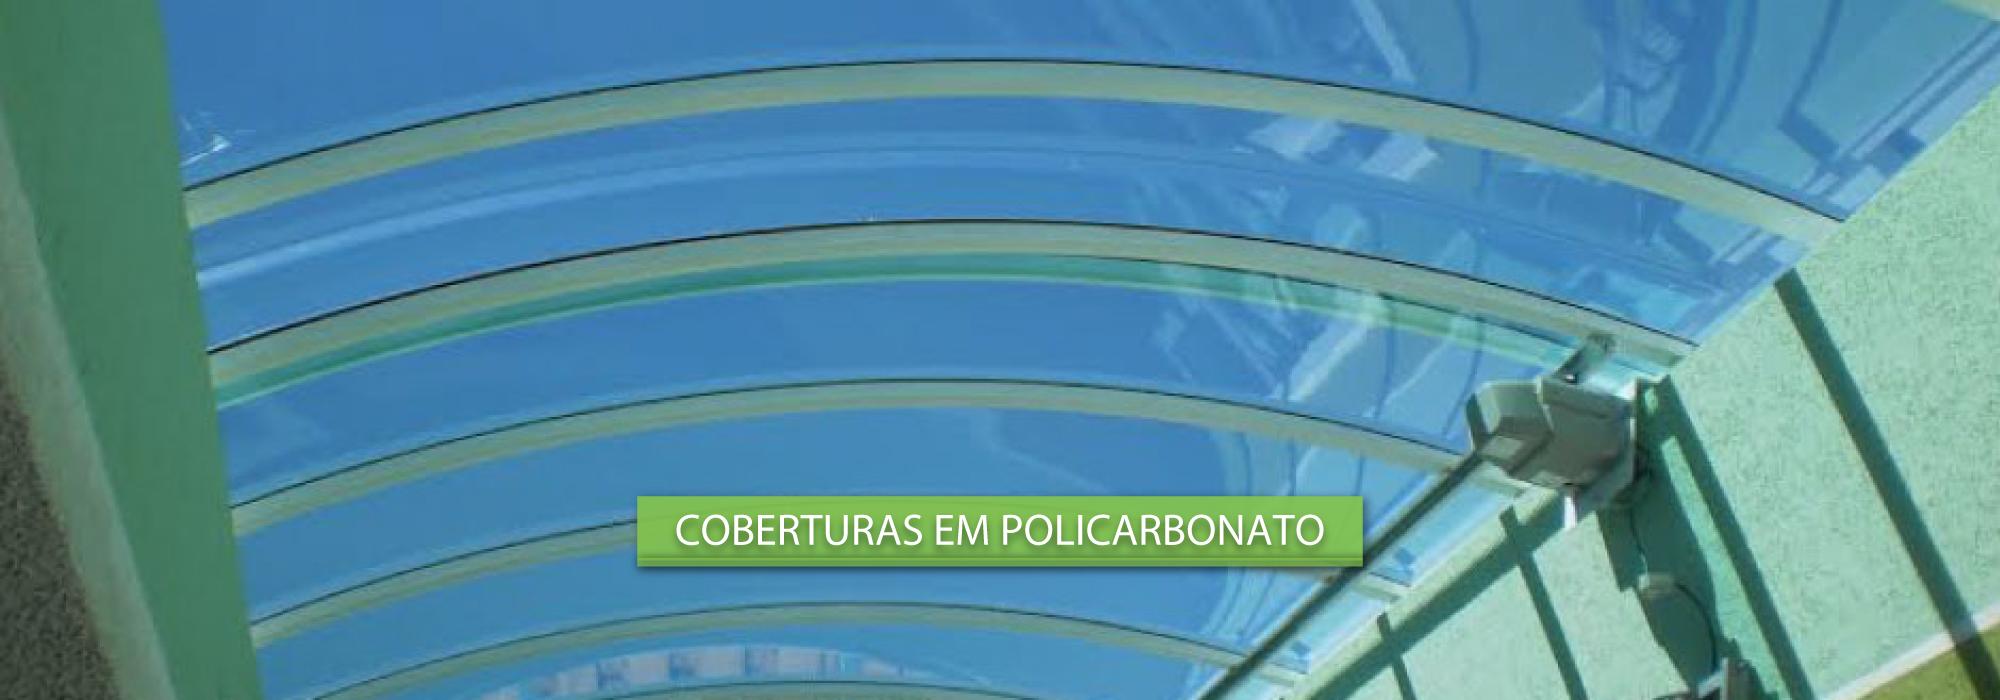 COBERTURA EM POLICARBONATO CURITIBA